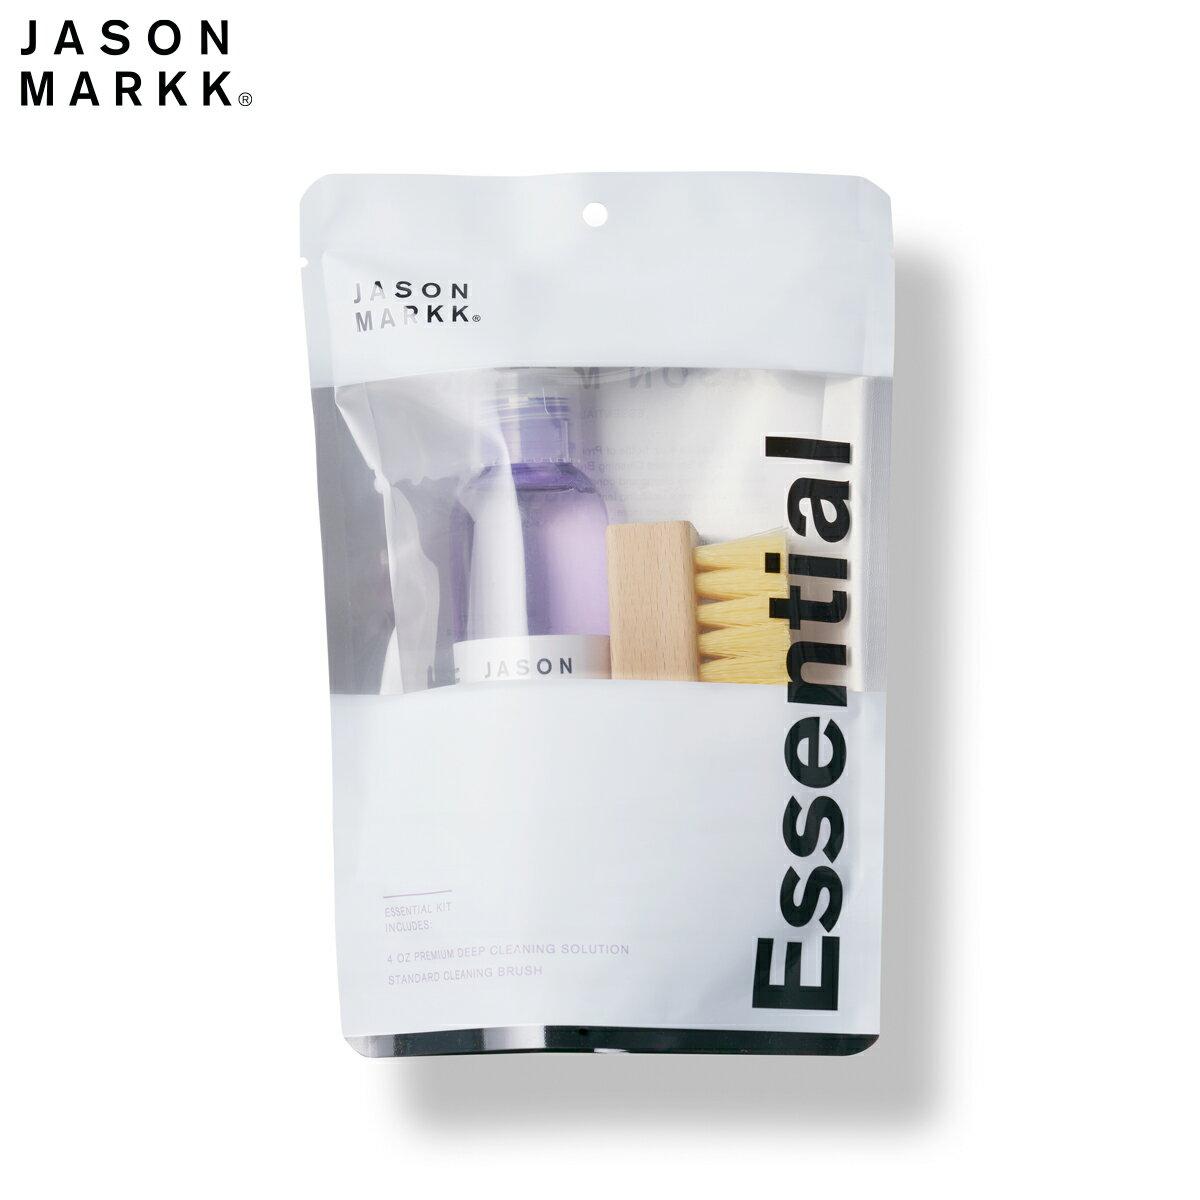 【送料無料】スニーカークリーナー JASON MARKK ESSENTIAL KIT ジェイソンマーク エッセンシャル キット 【あらゆる素材に対応可能なクリーナー!】